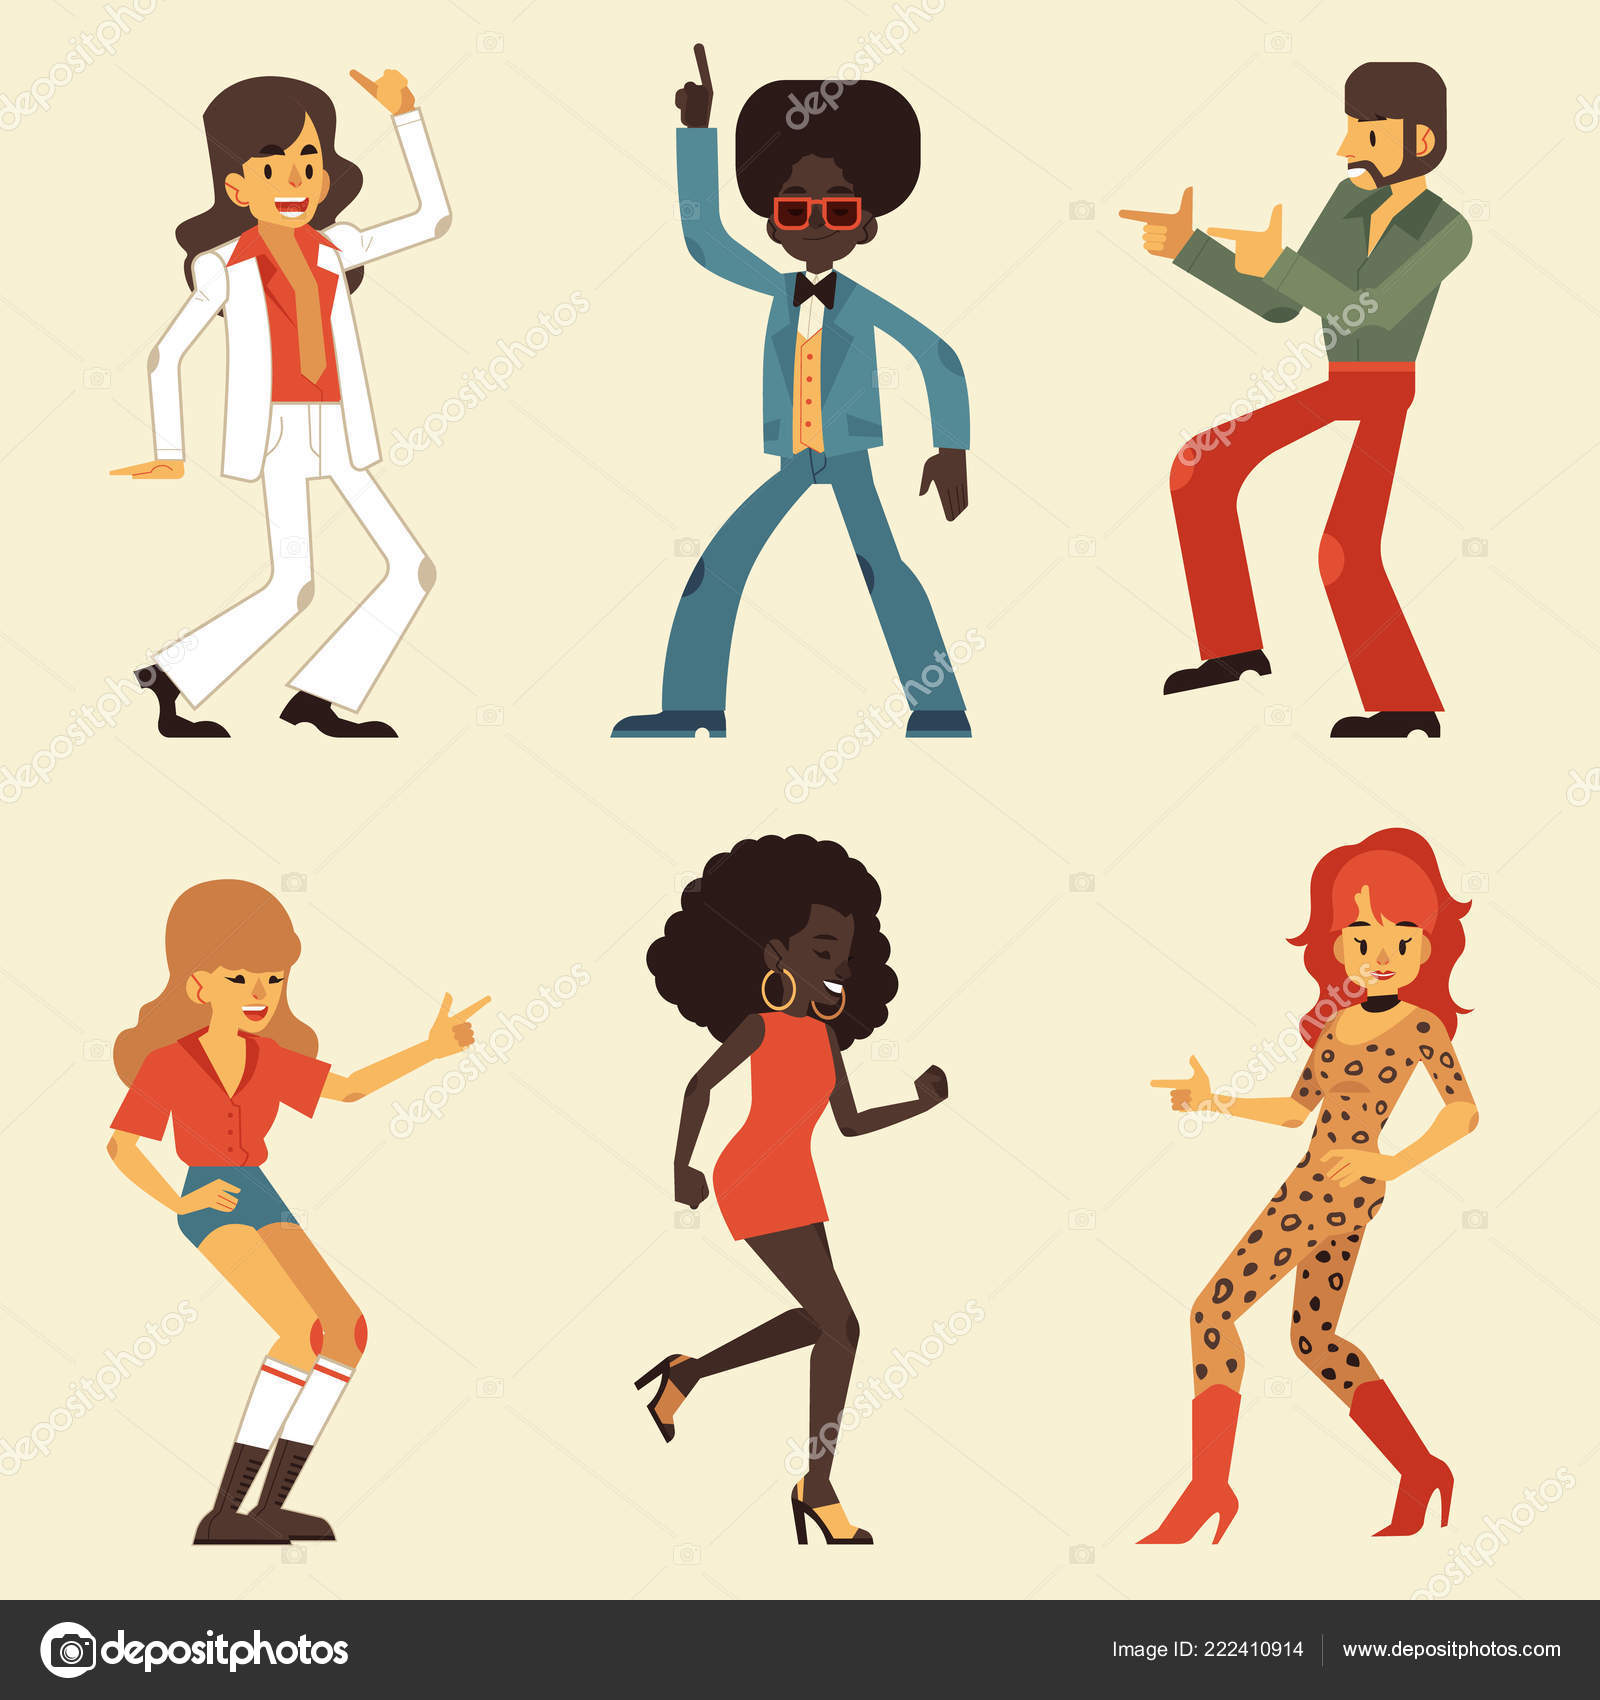 Wektor Zestaw Ilustracji Dancing Retro Osób Disco Lat 70